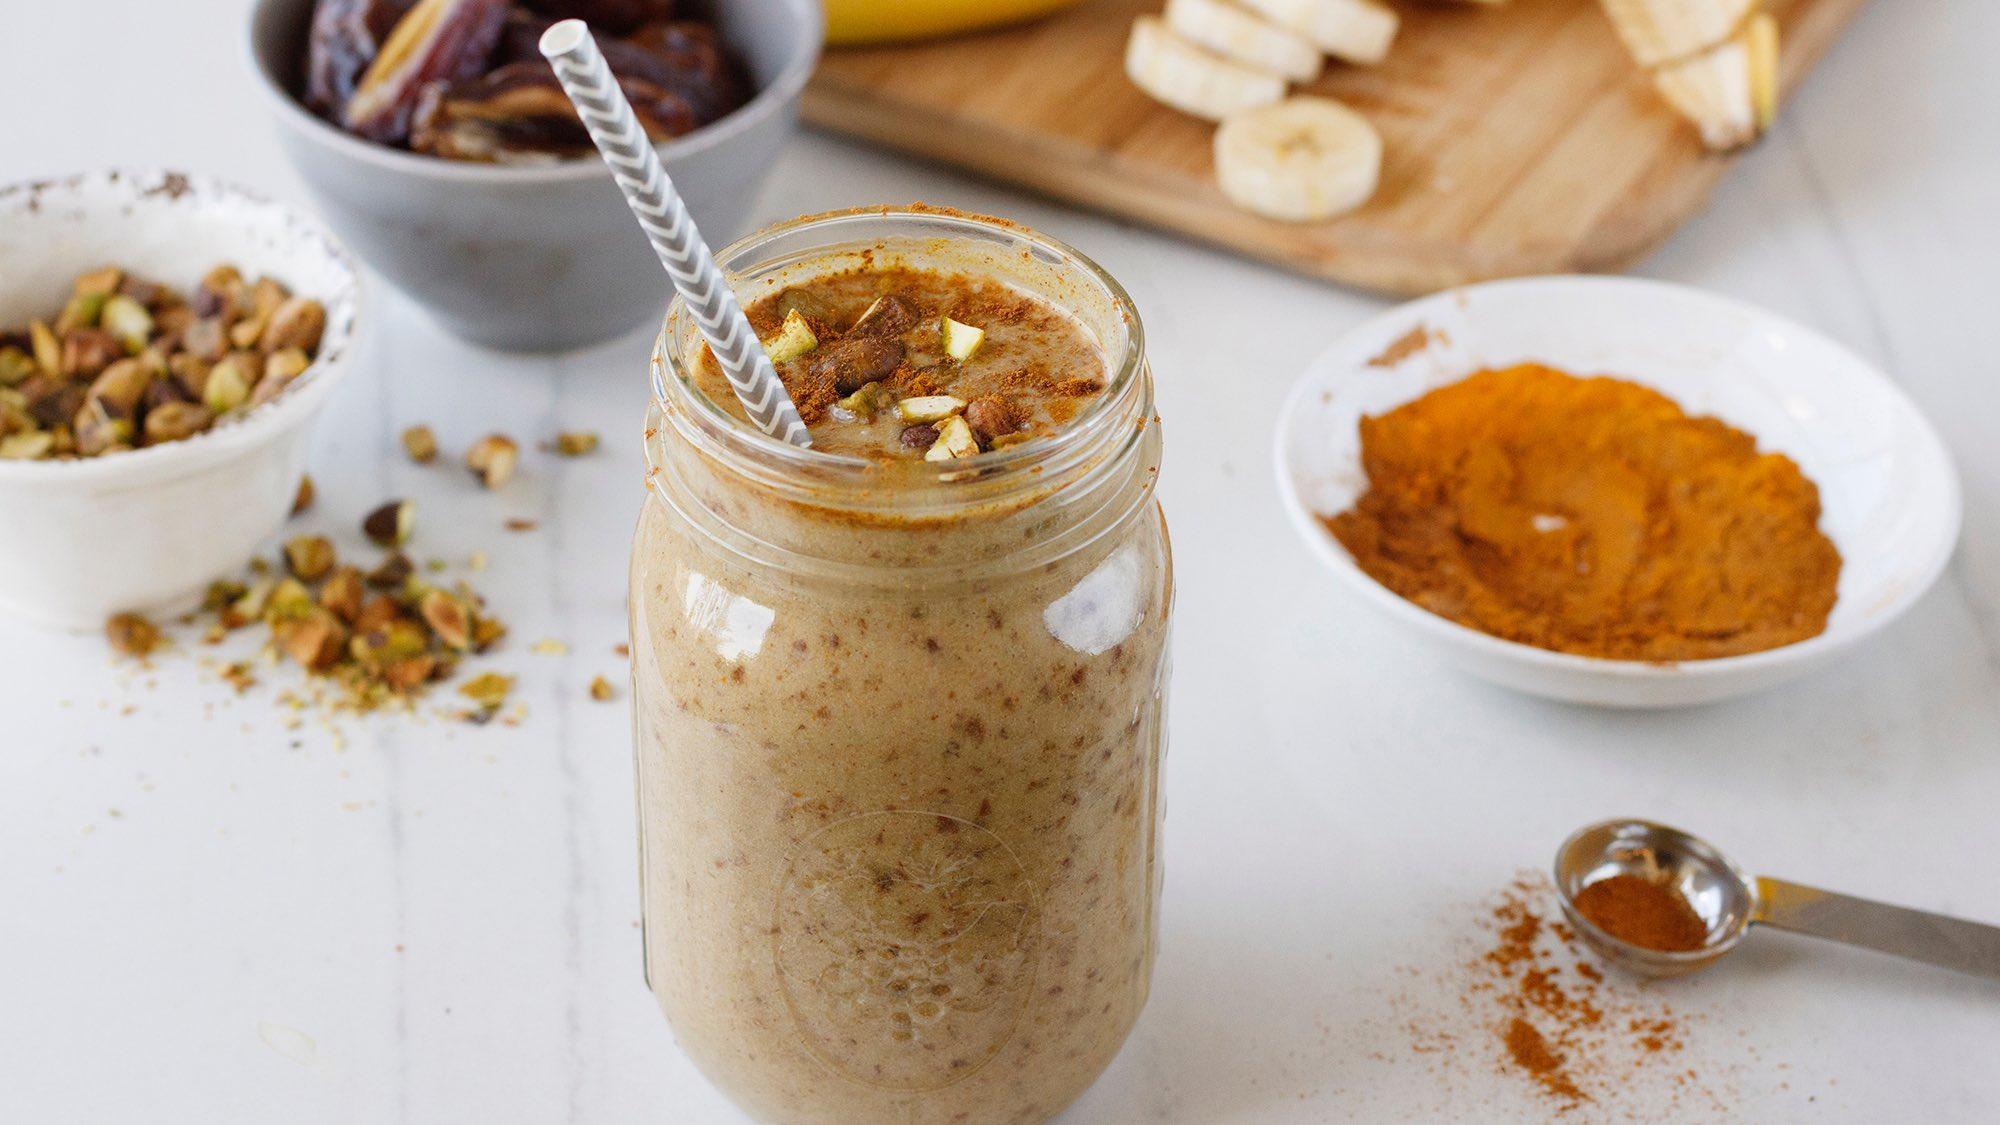 McCormick Gourmet Turmeric and Cinnamon Chocolate Banana Shake